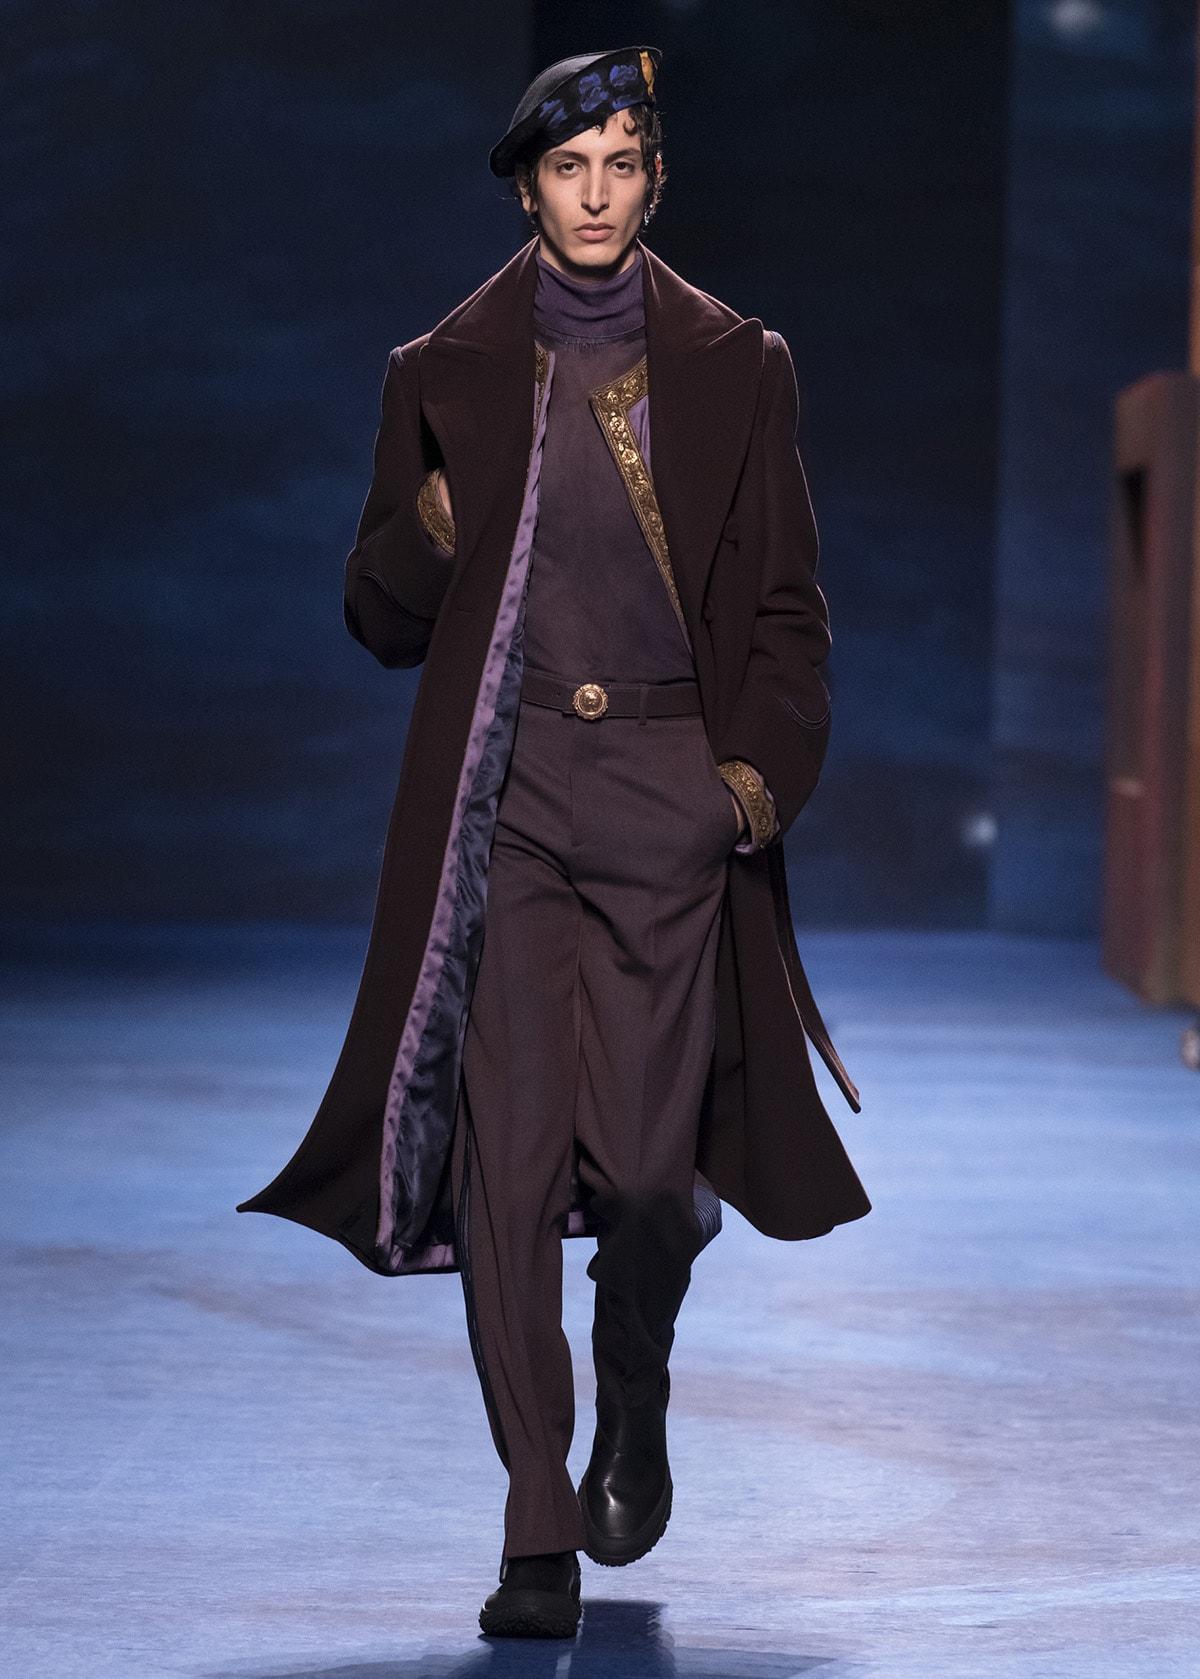 Dior werkt samen met kunstenaar Peter Doig voor menswear collectie FW21